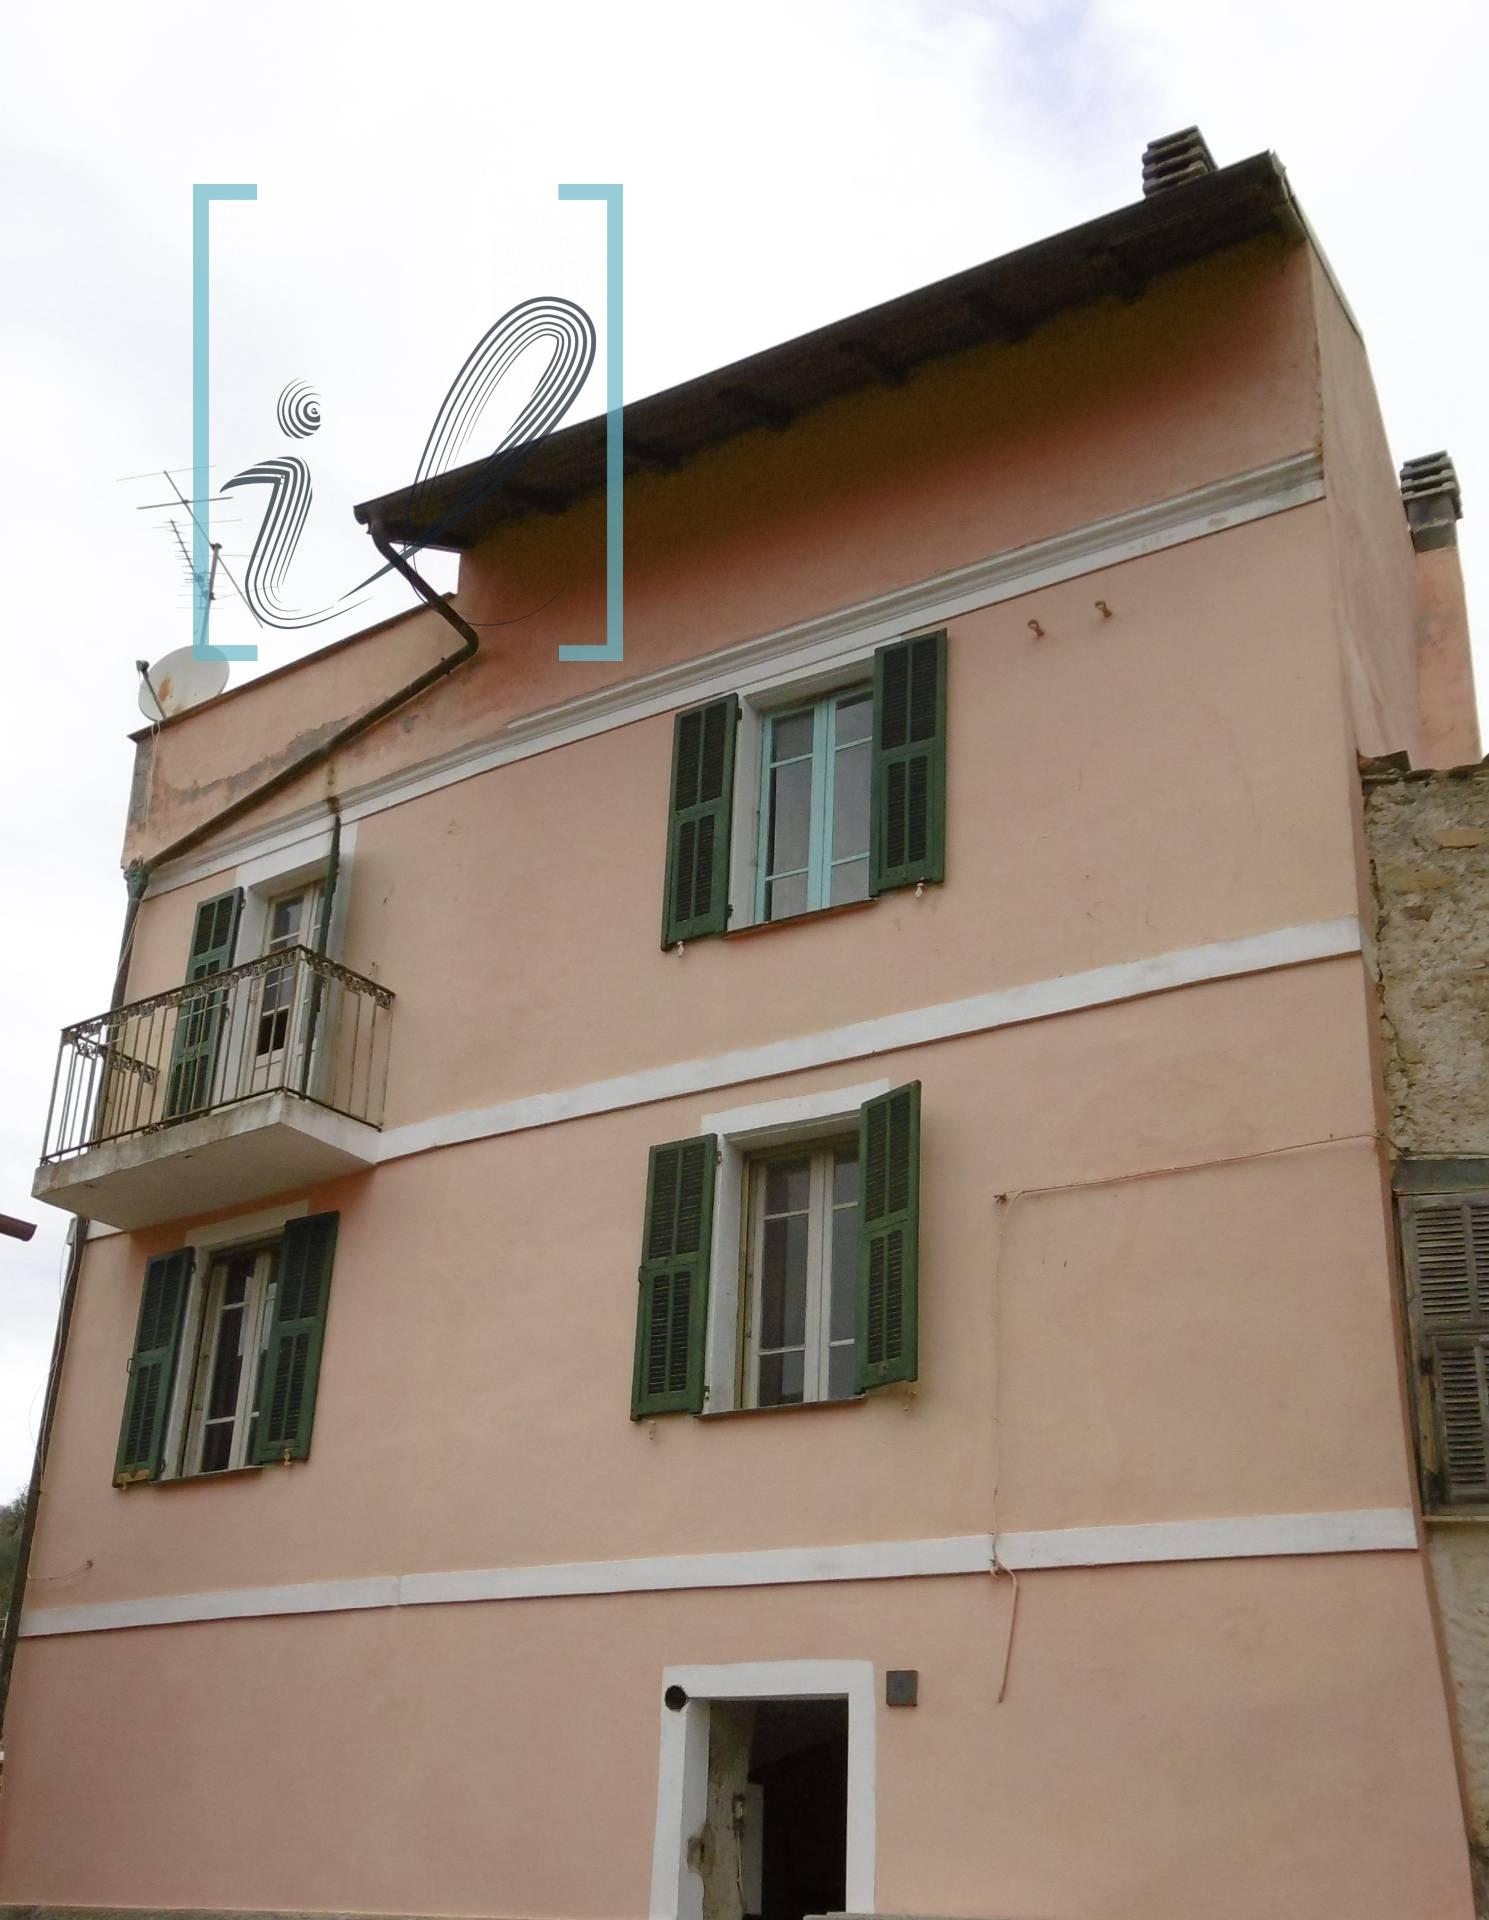 Rustico / Casale in vendita a Chiusanico, 4 locali, zona Zona: Torria, prezzo € 77.000 | CambioCasa.it